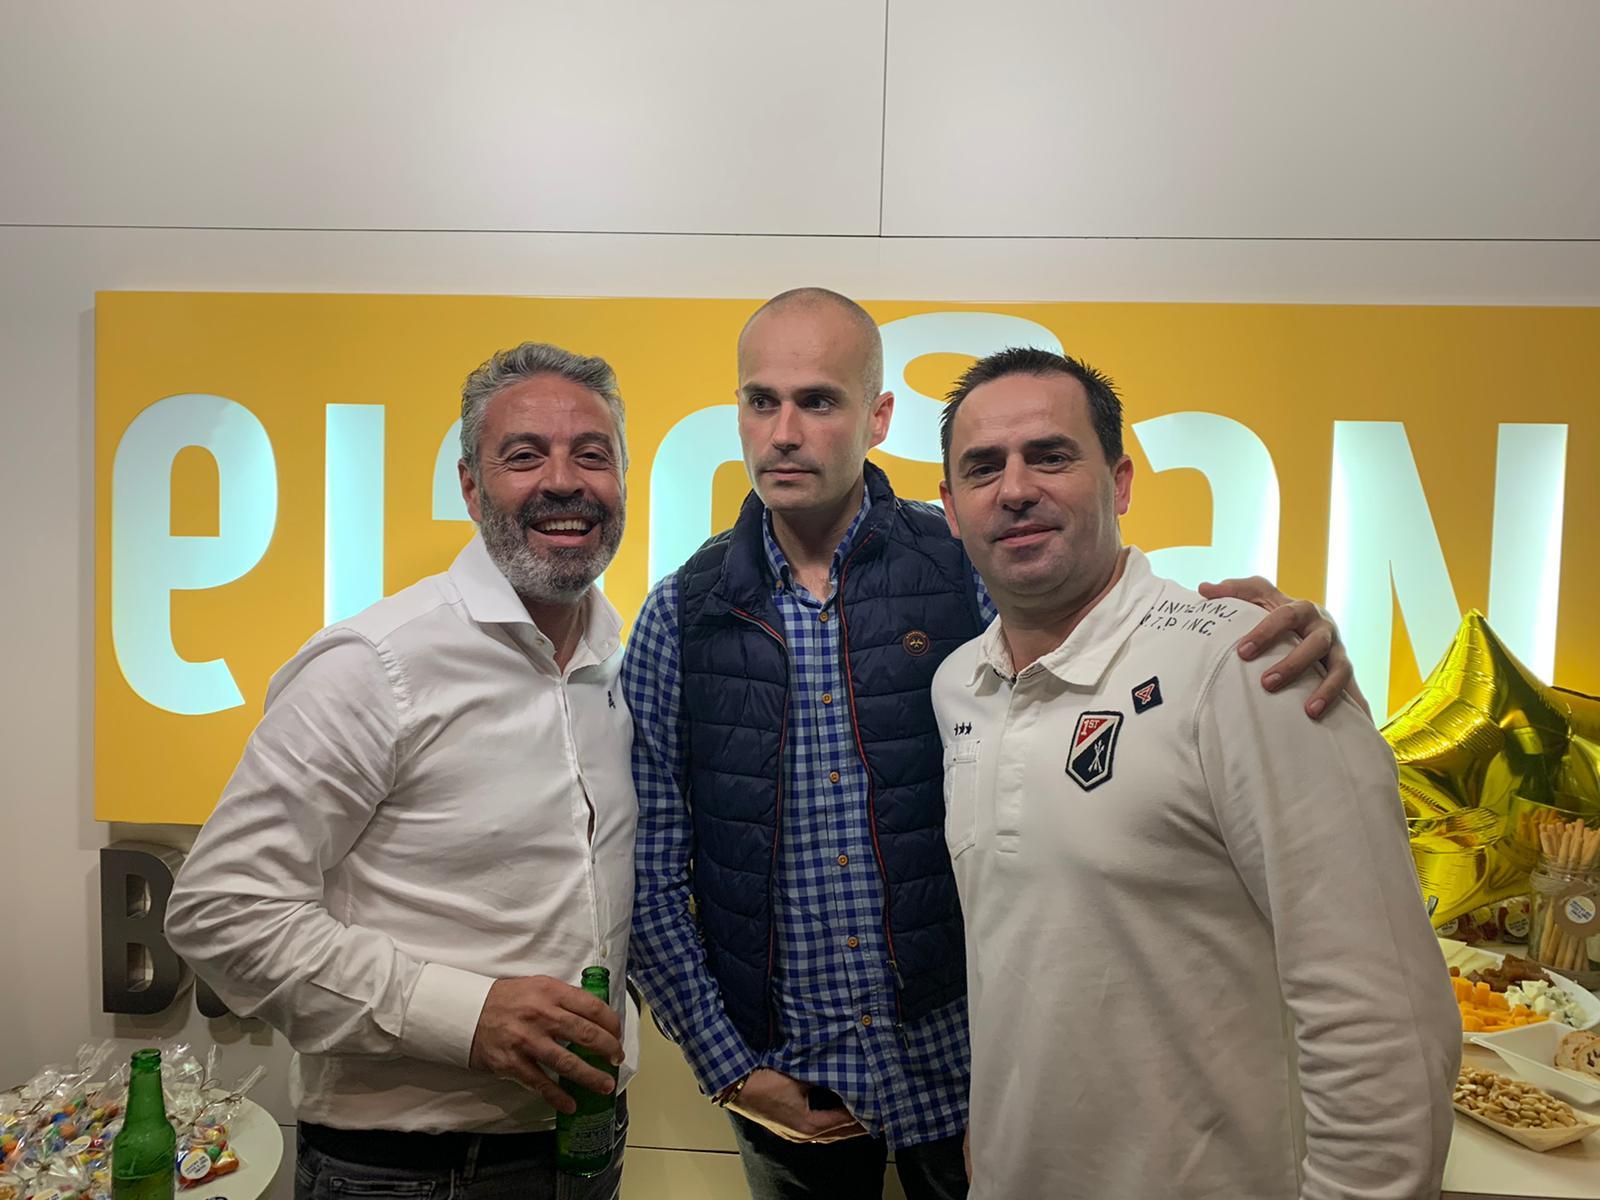 Izq. a der. Jose María Sánchez, José Miguel García y Jose María López